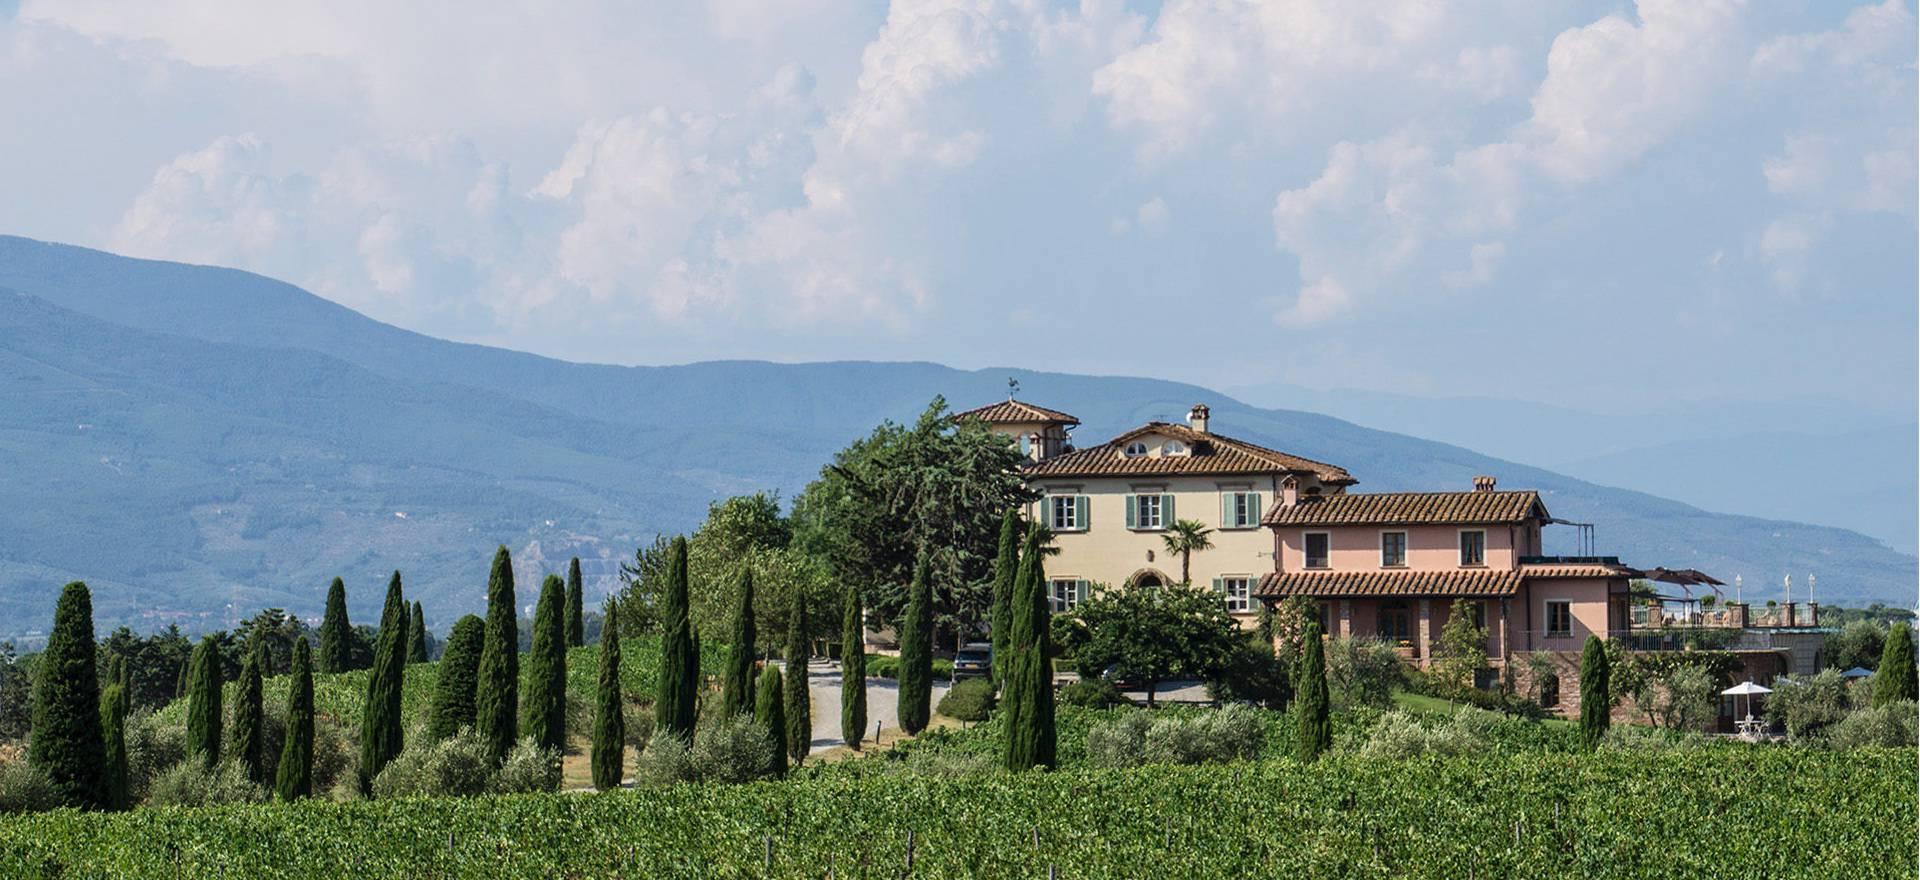 Agriturismo Tuscany Winery and luxury agriturismo near Pisa